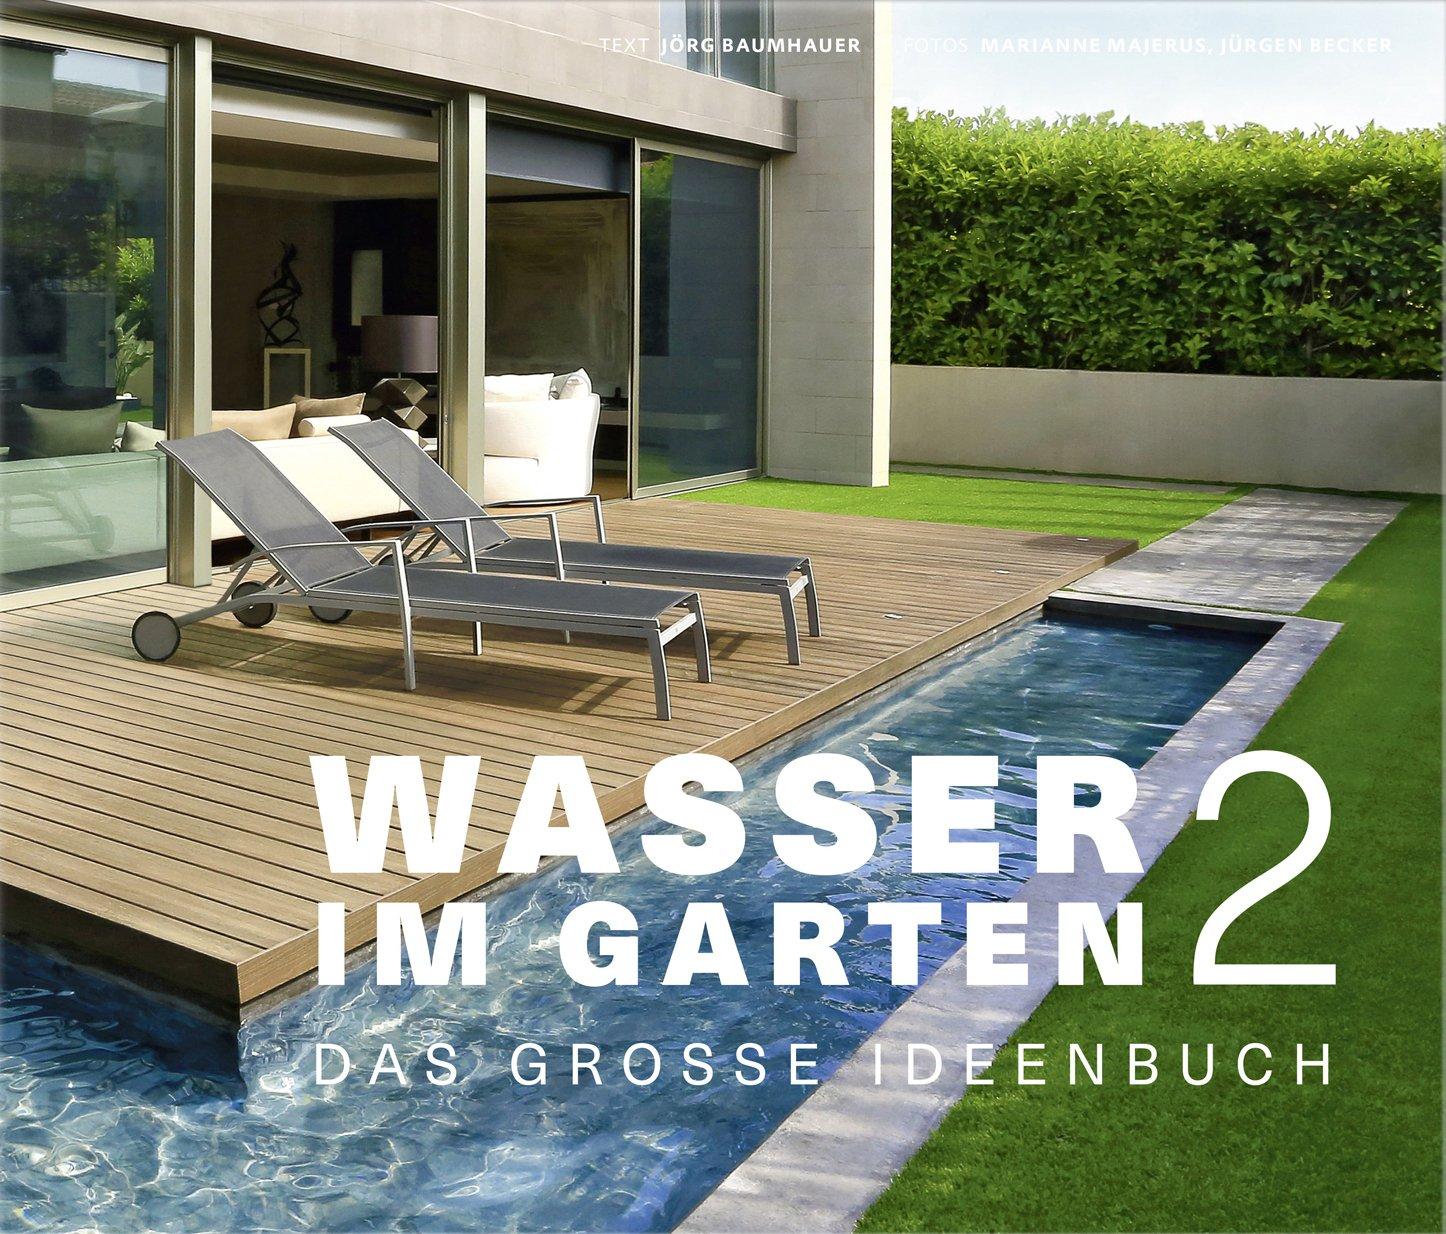 Wasser im Garten 2 - Das große Ideenbuch (Garten- und Ideenbücher BJVV)